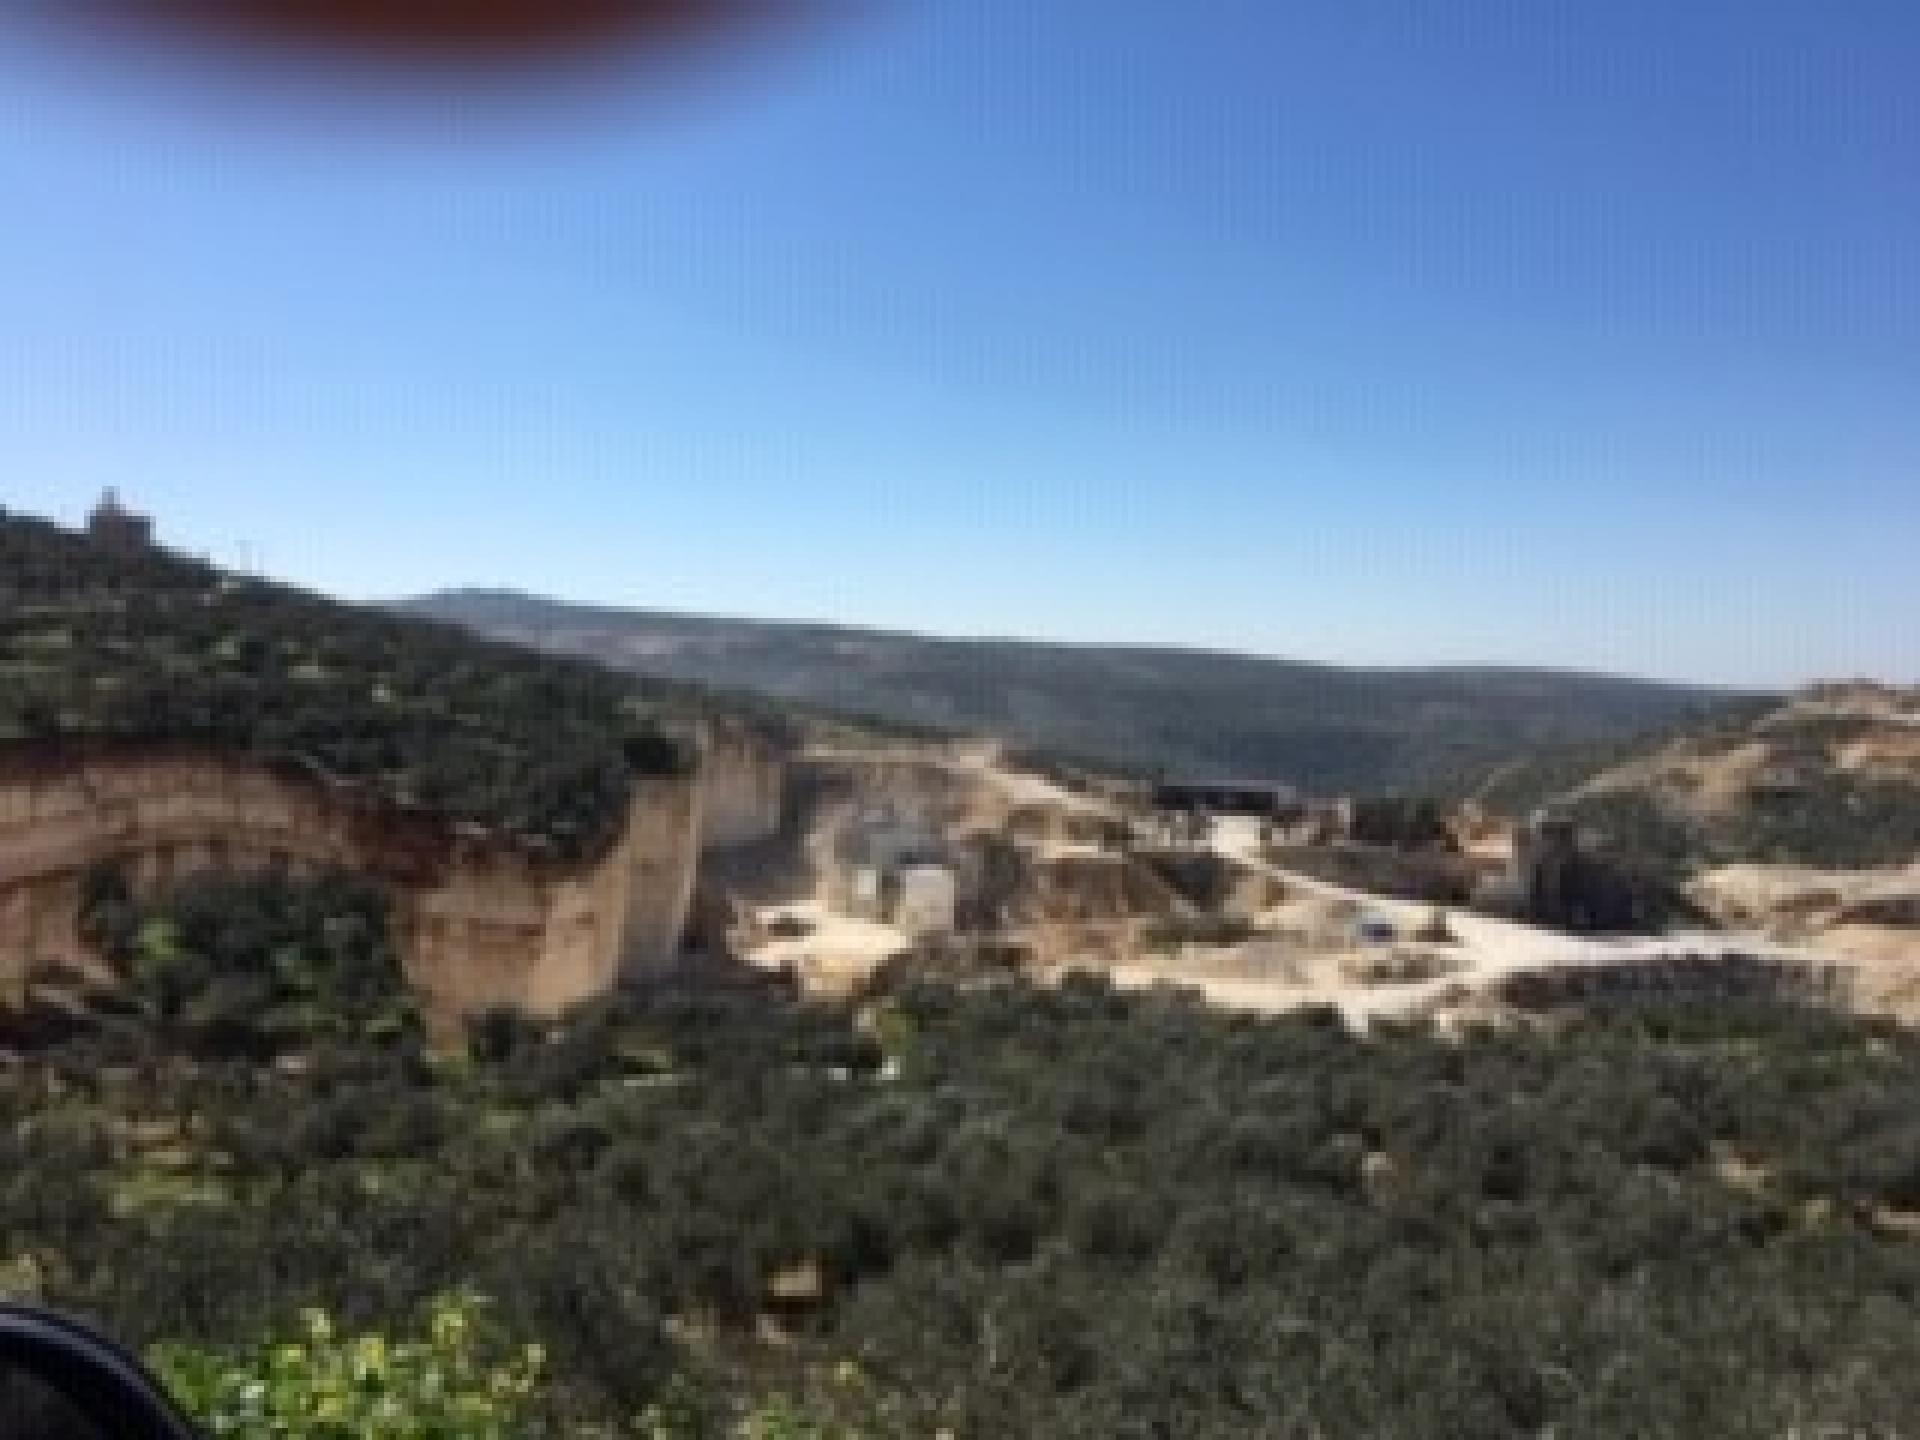 עסירה אל-קיבלייה: המחצבות של הכפר מספקות עבודה לתושבים רבים